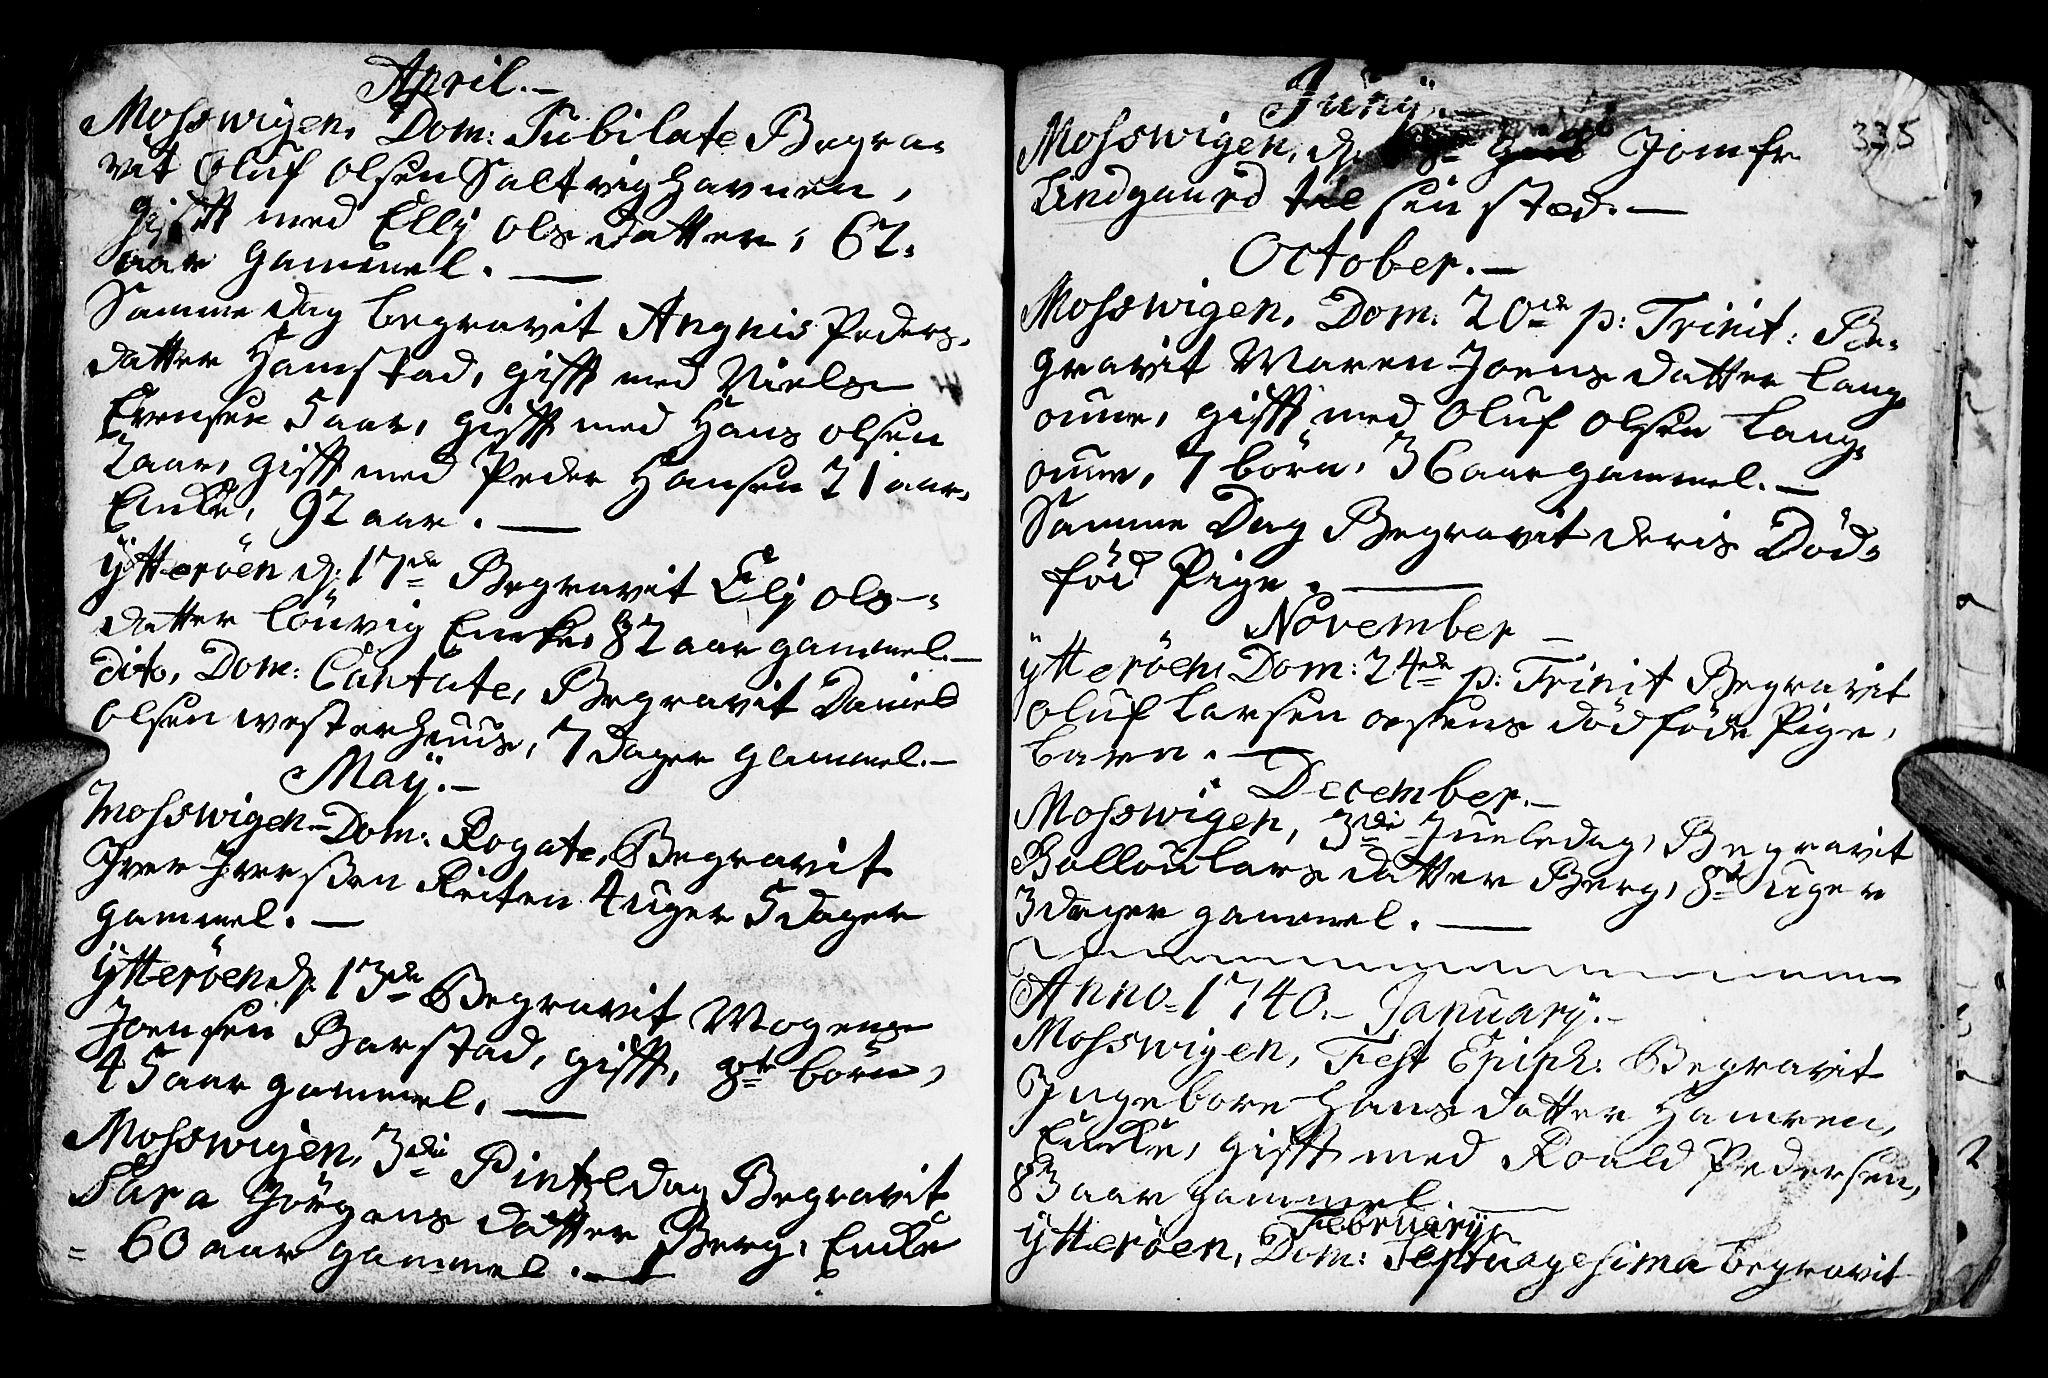 SAT, Ministerialprotokoller, klokkerbøker og fødselsregistre - Nord-Trøndelag, 722/L0215: Ministerialbok nr. 722A02, 1718-1755, s. 335